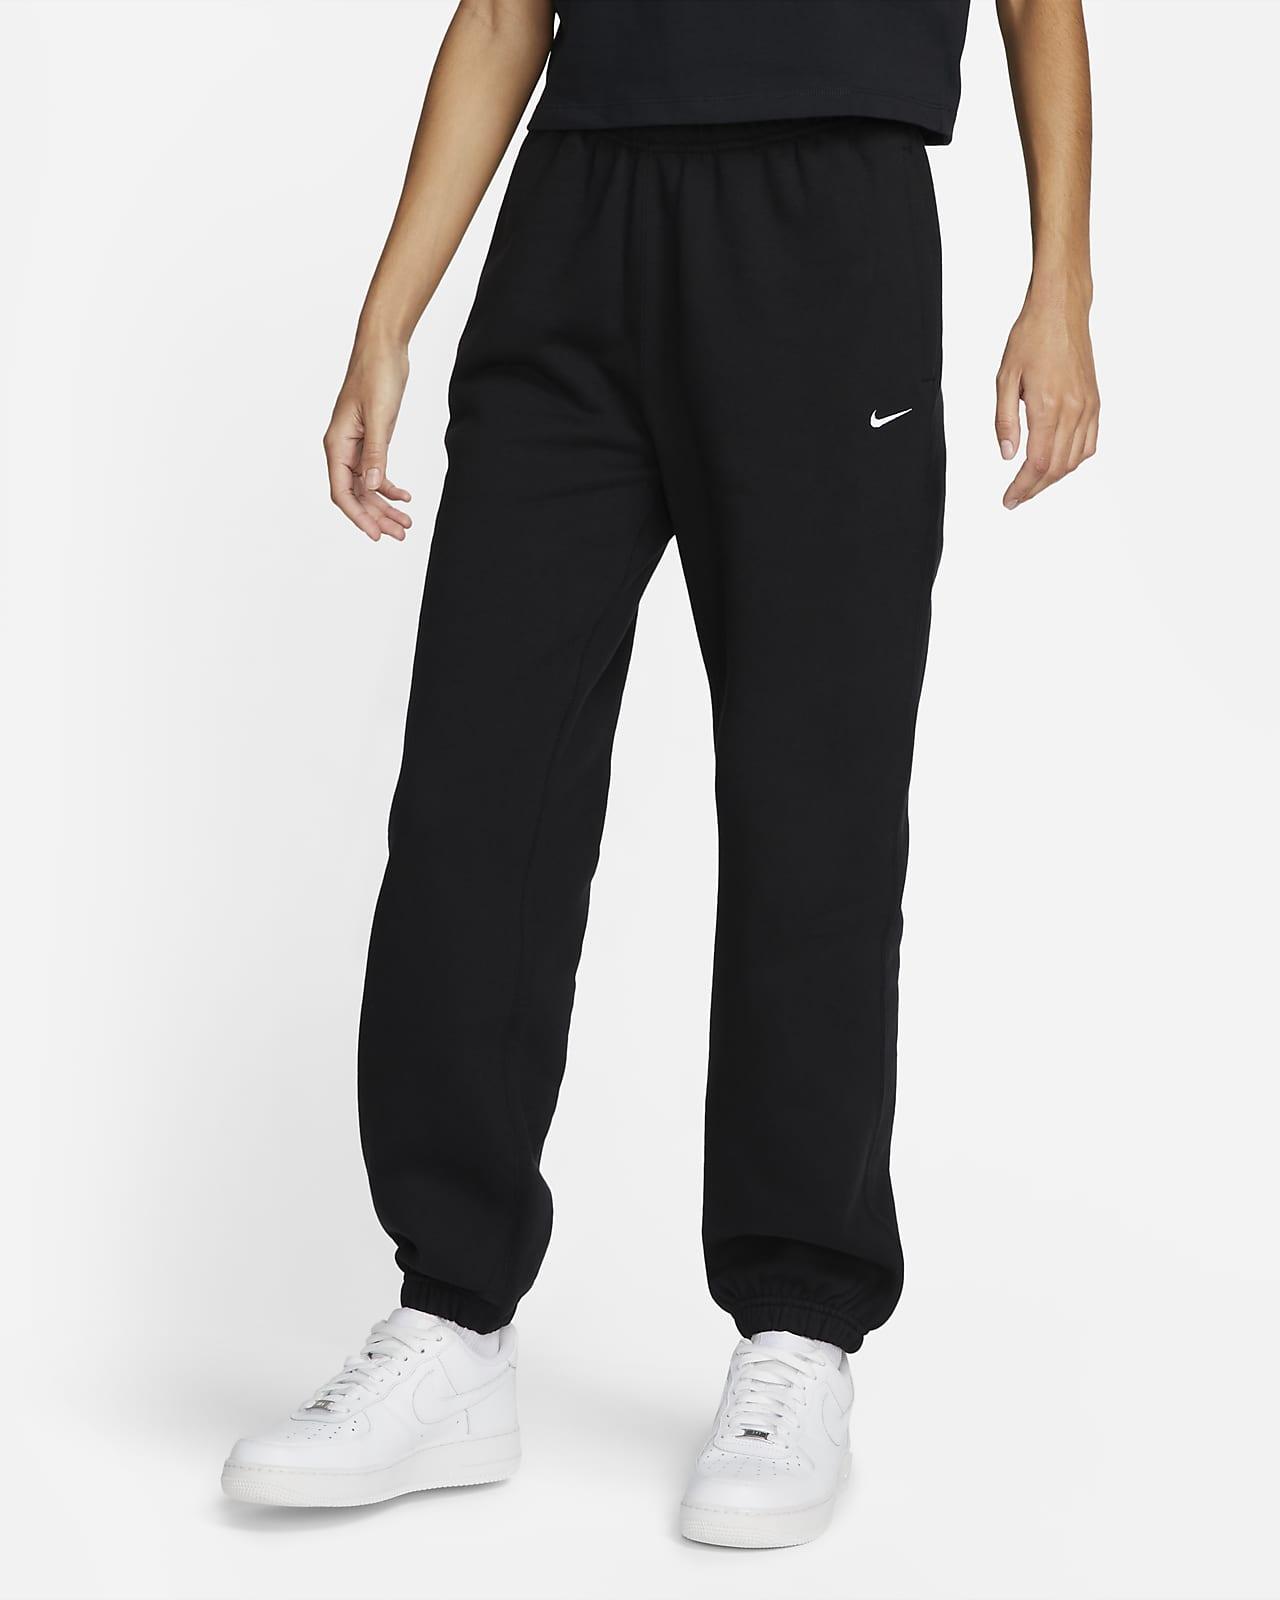 NikeLab Fleece Kadın Eşofman Altı